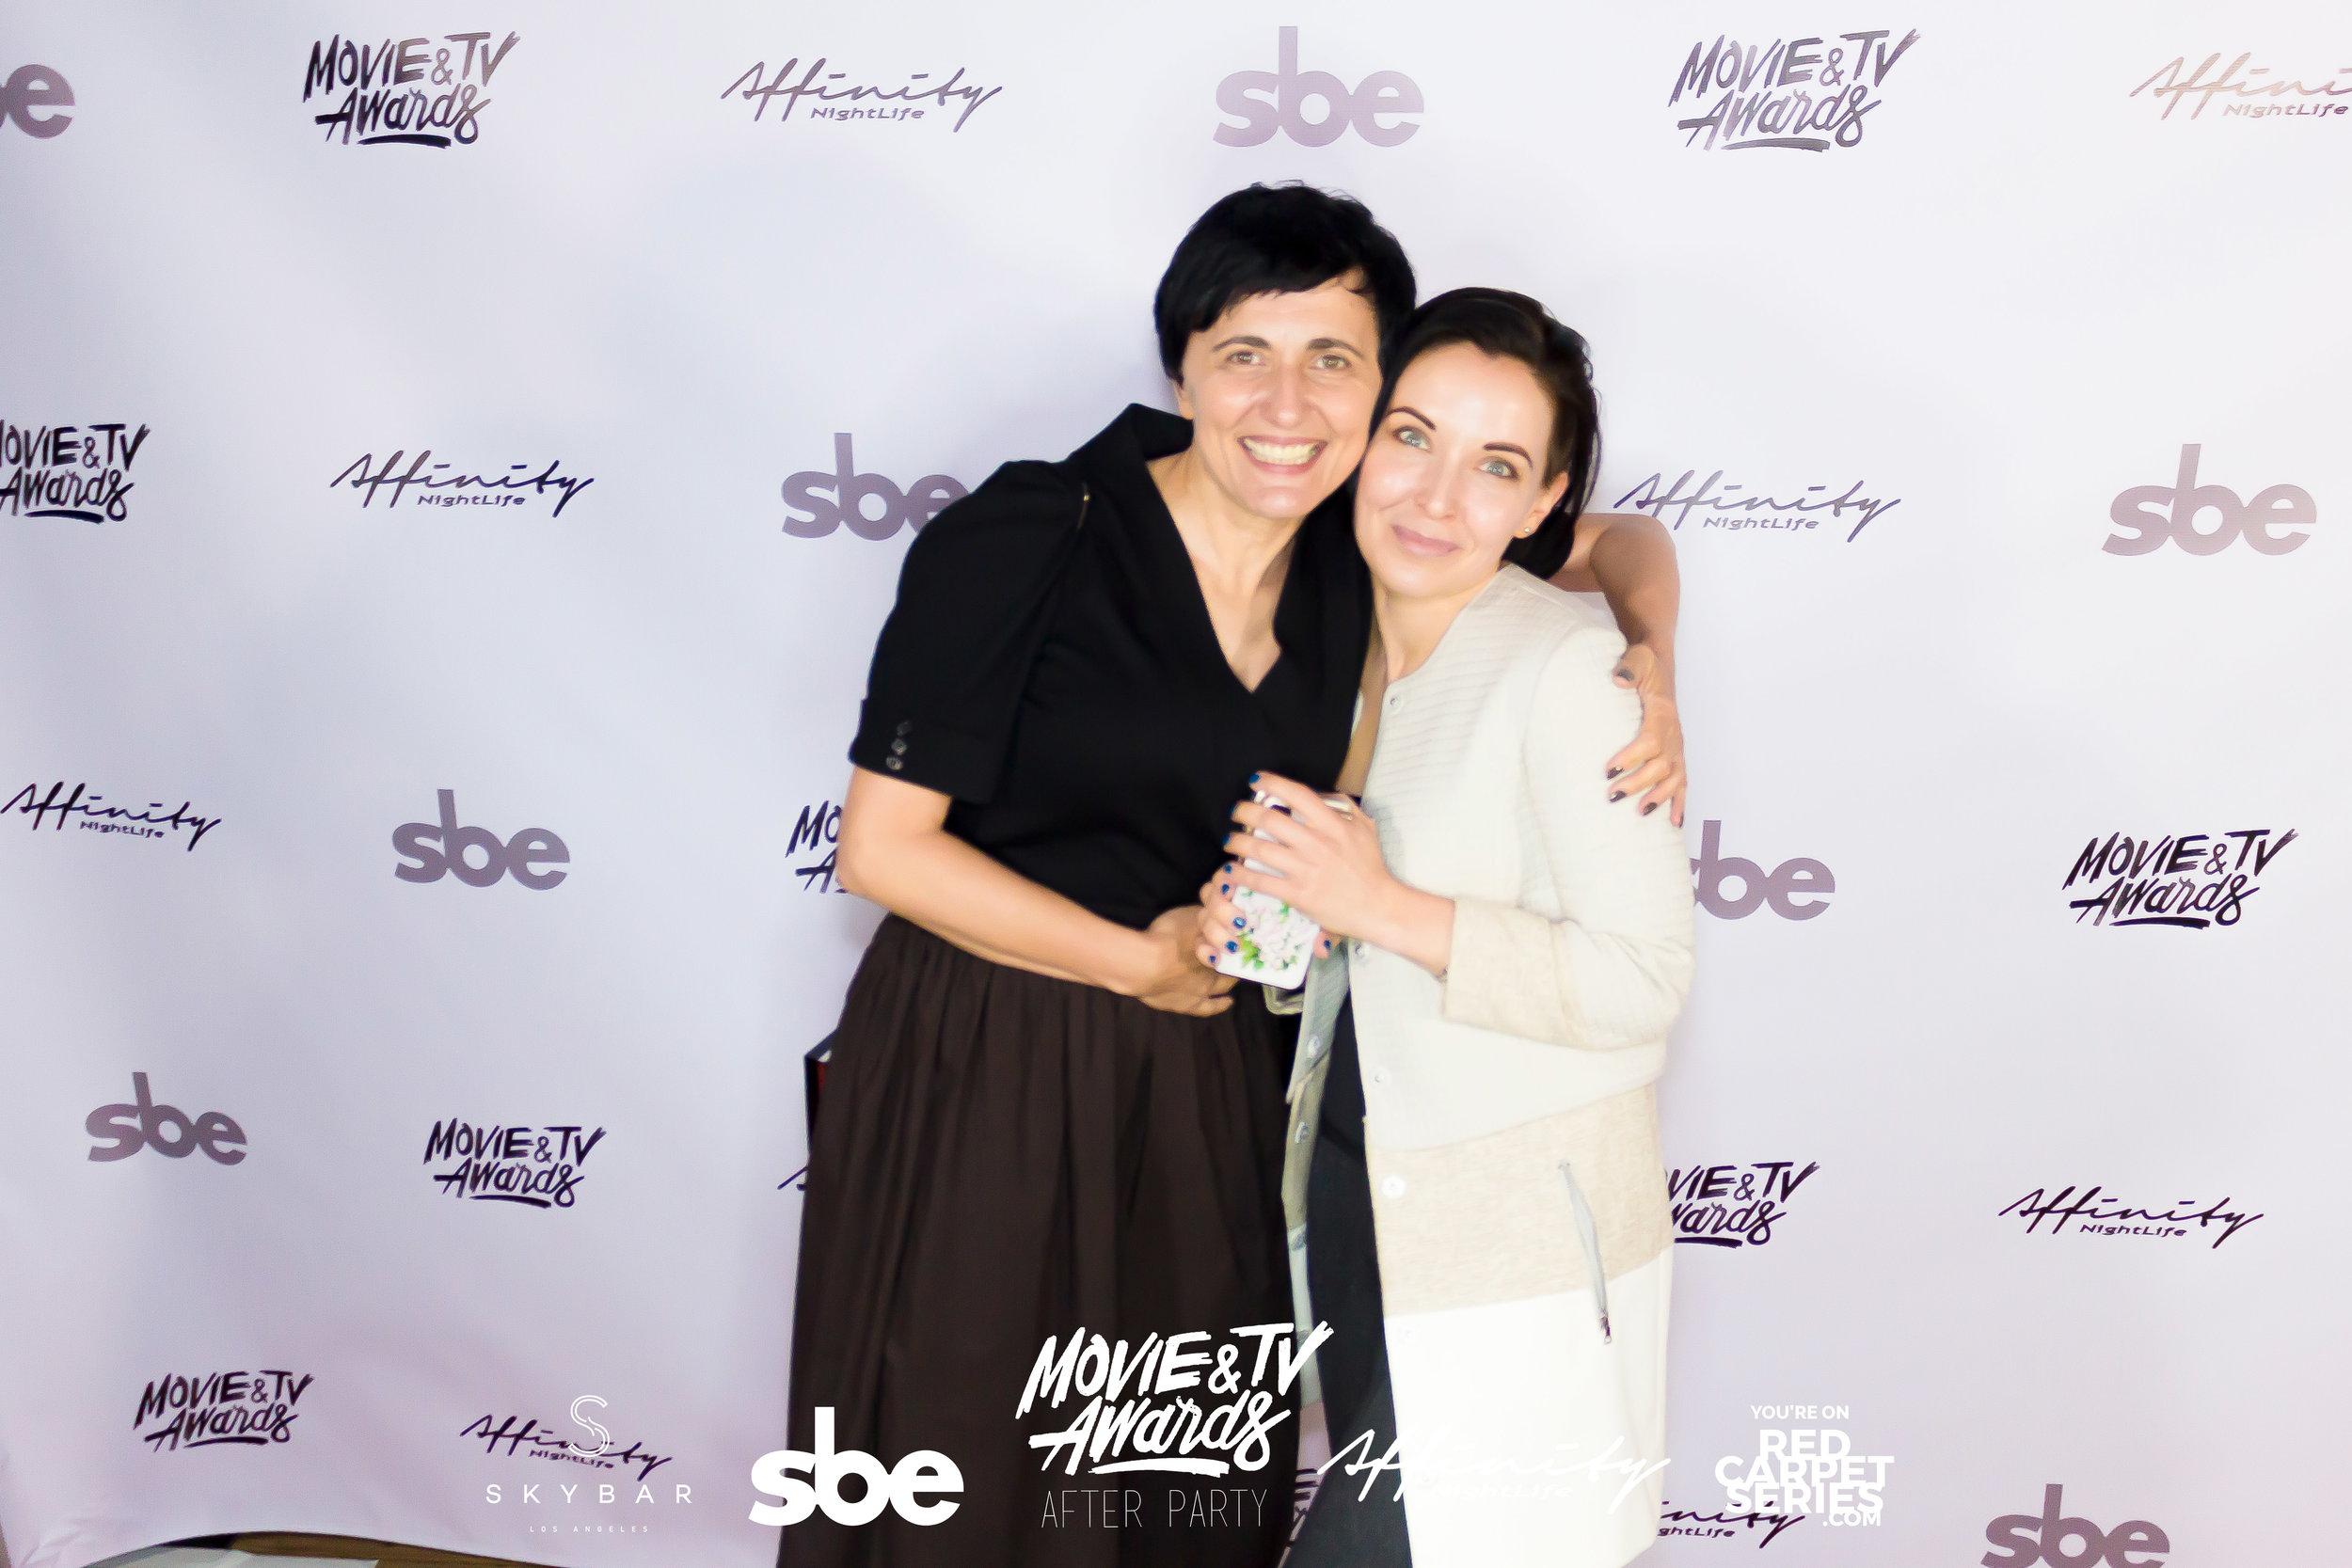 Affinity Nightlife MTV Movie & TV Awards After Party - Skybar at Mondrian - 06-15-19 - Vol. 2_101.jpg